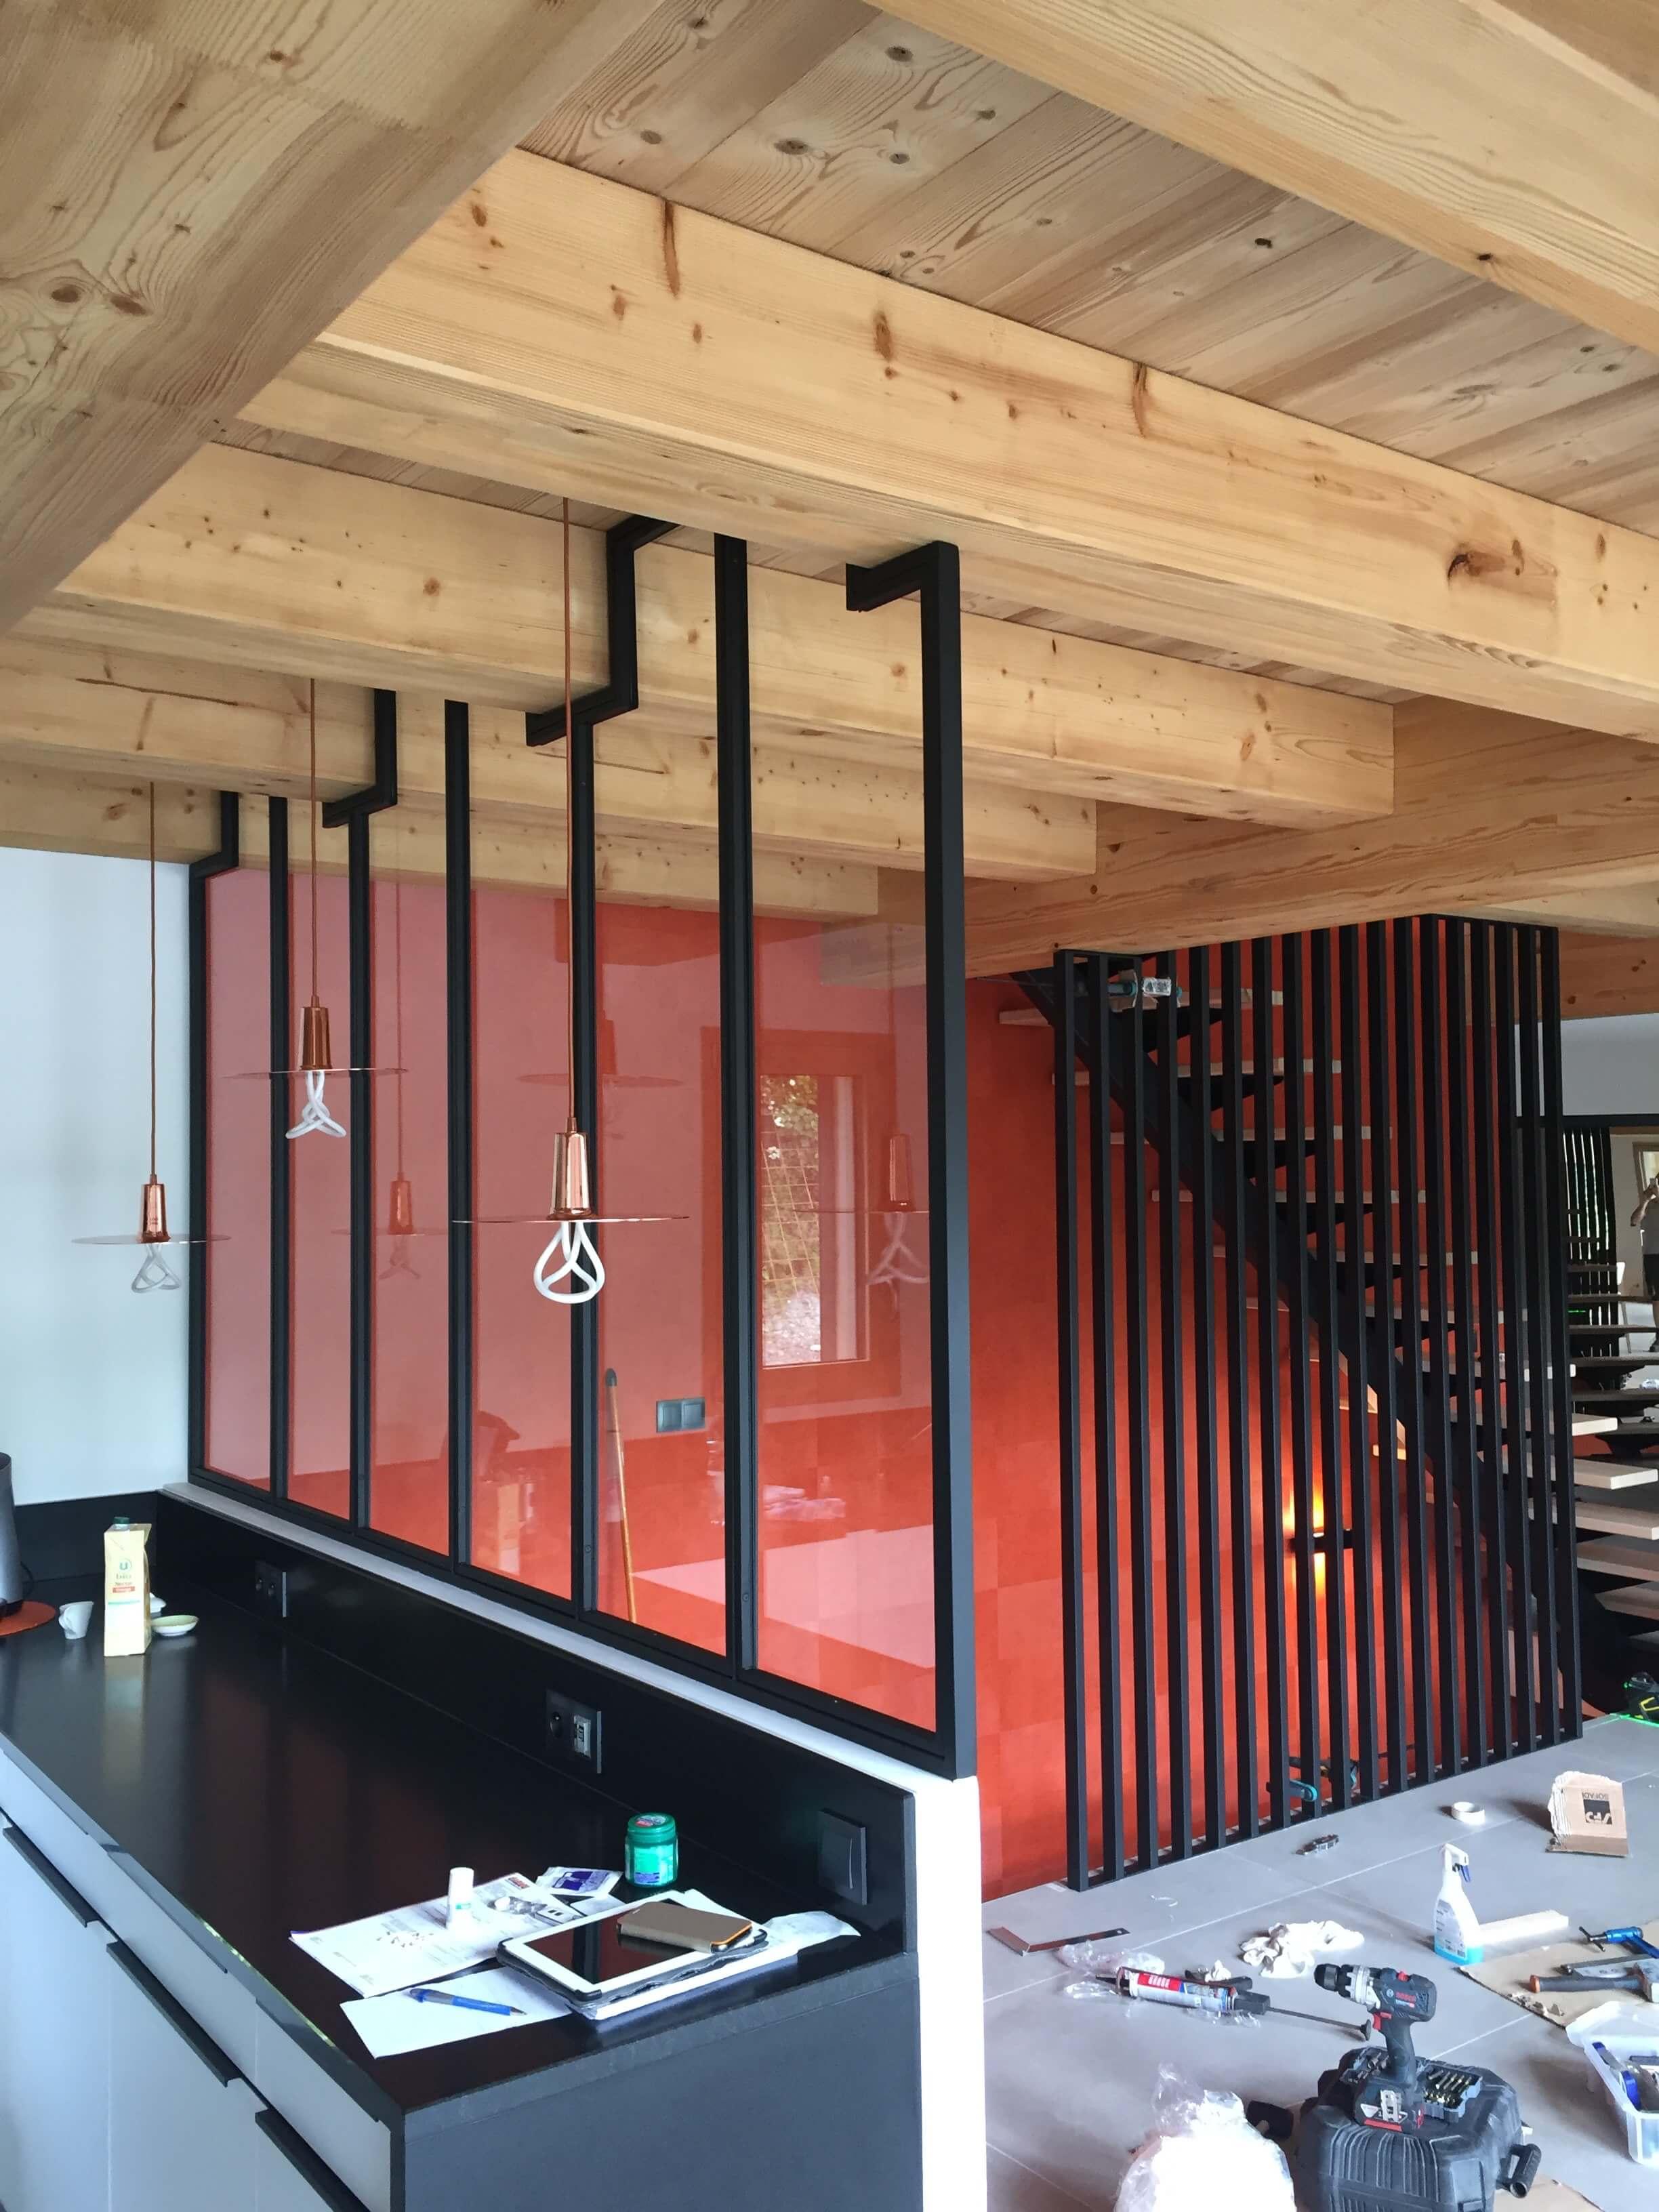 Robi design Métallique Annecy agencement intérieur verrière claustra Tarentaise 7315